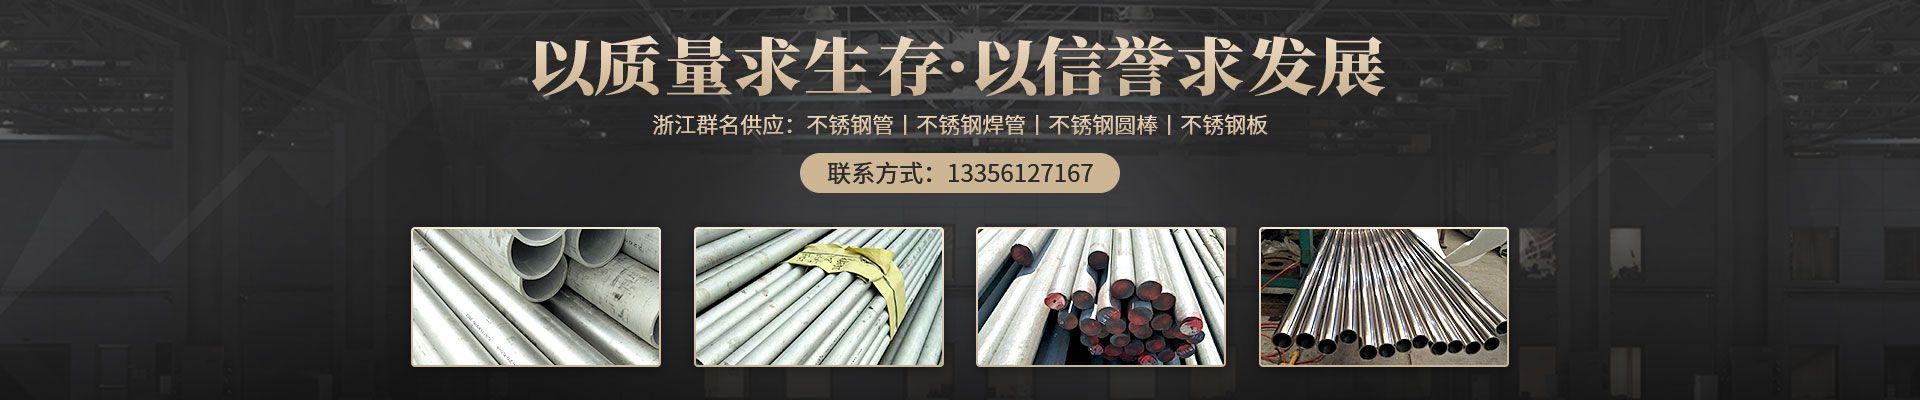 浙江群名钢业有限公司